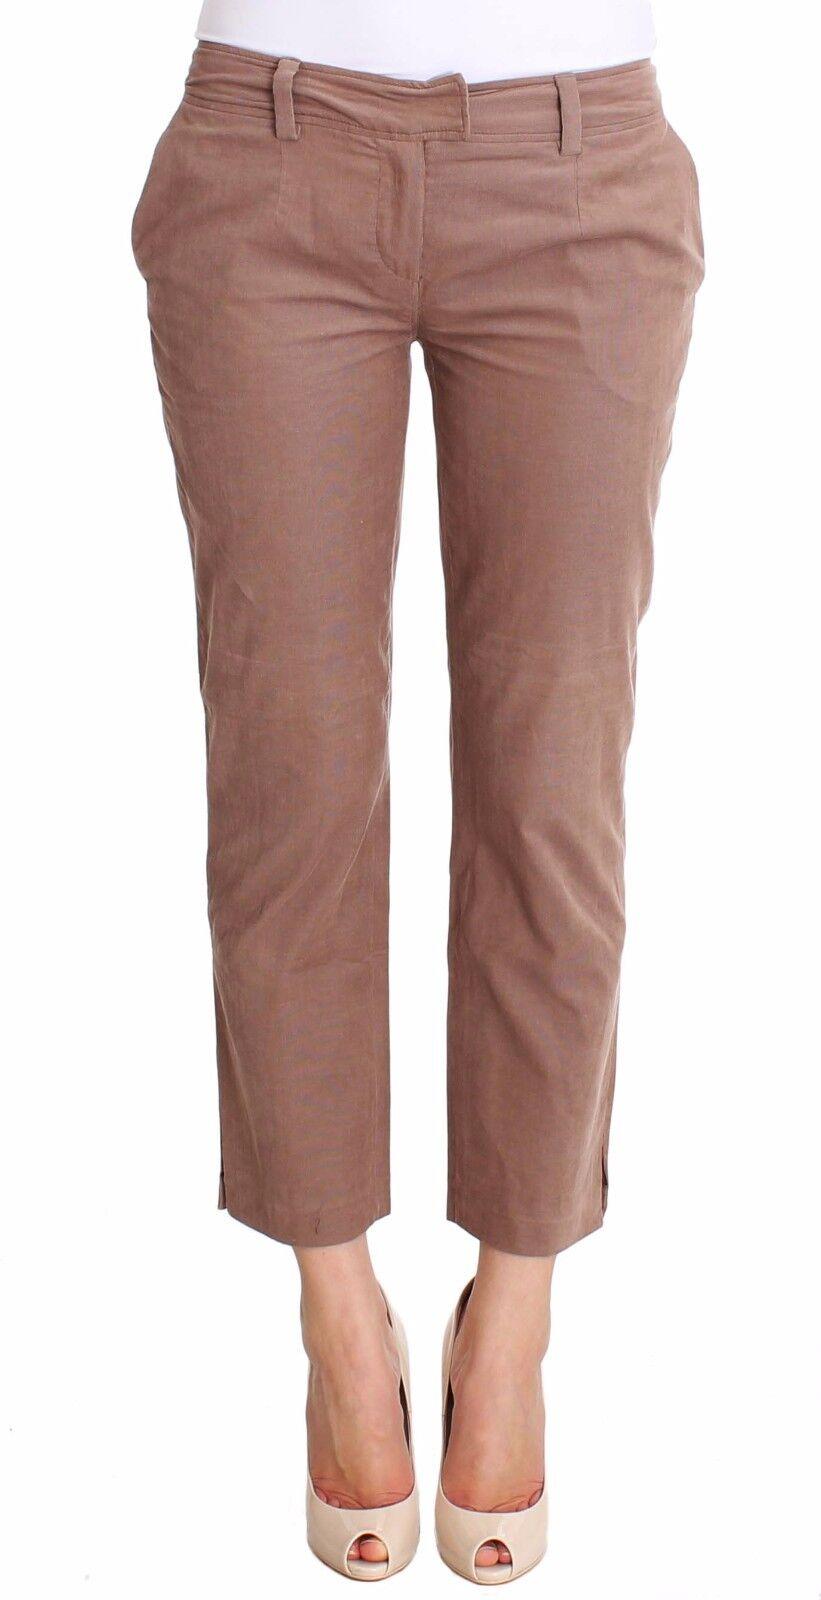 Nuova con Etichetta C e Costume National Pantaloni Marronee Corto Velluto a Coste